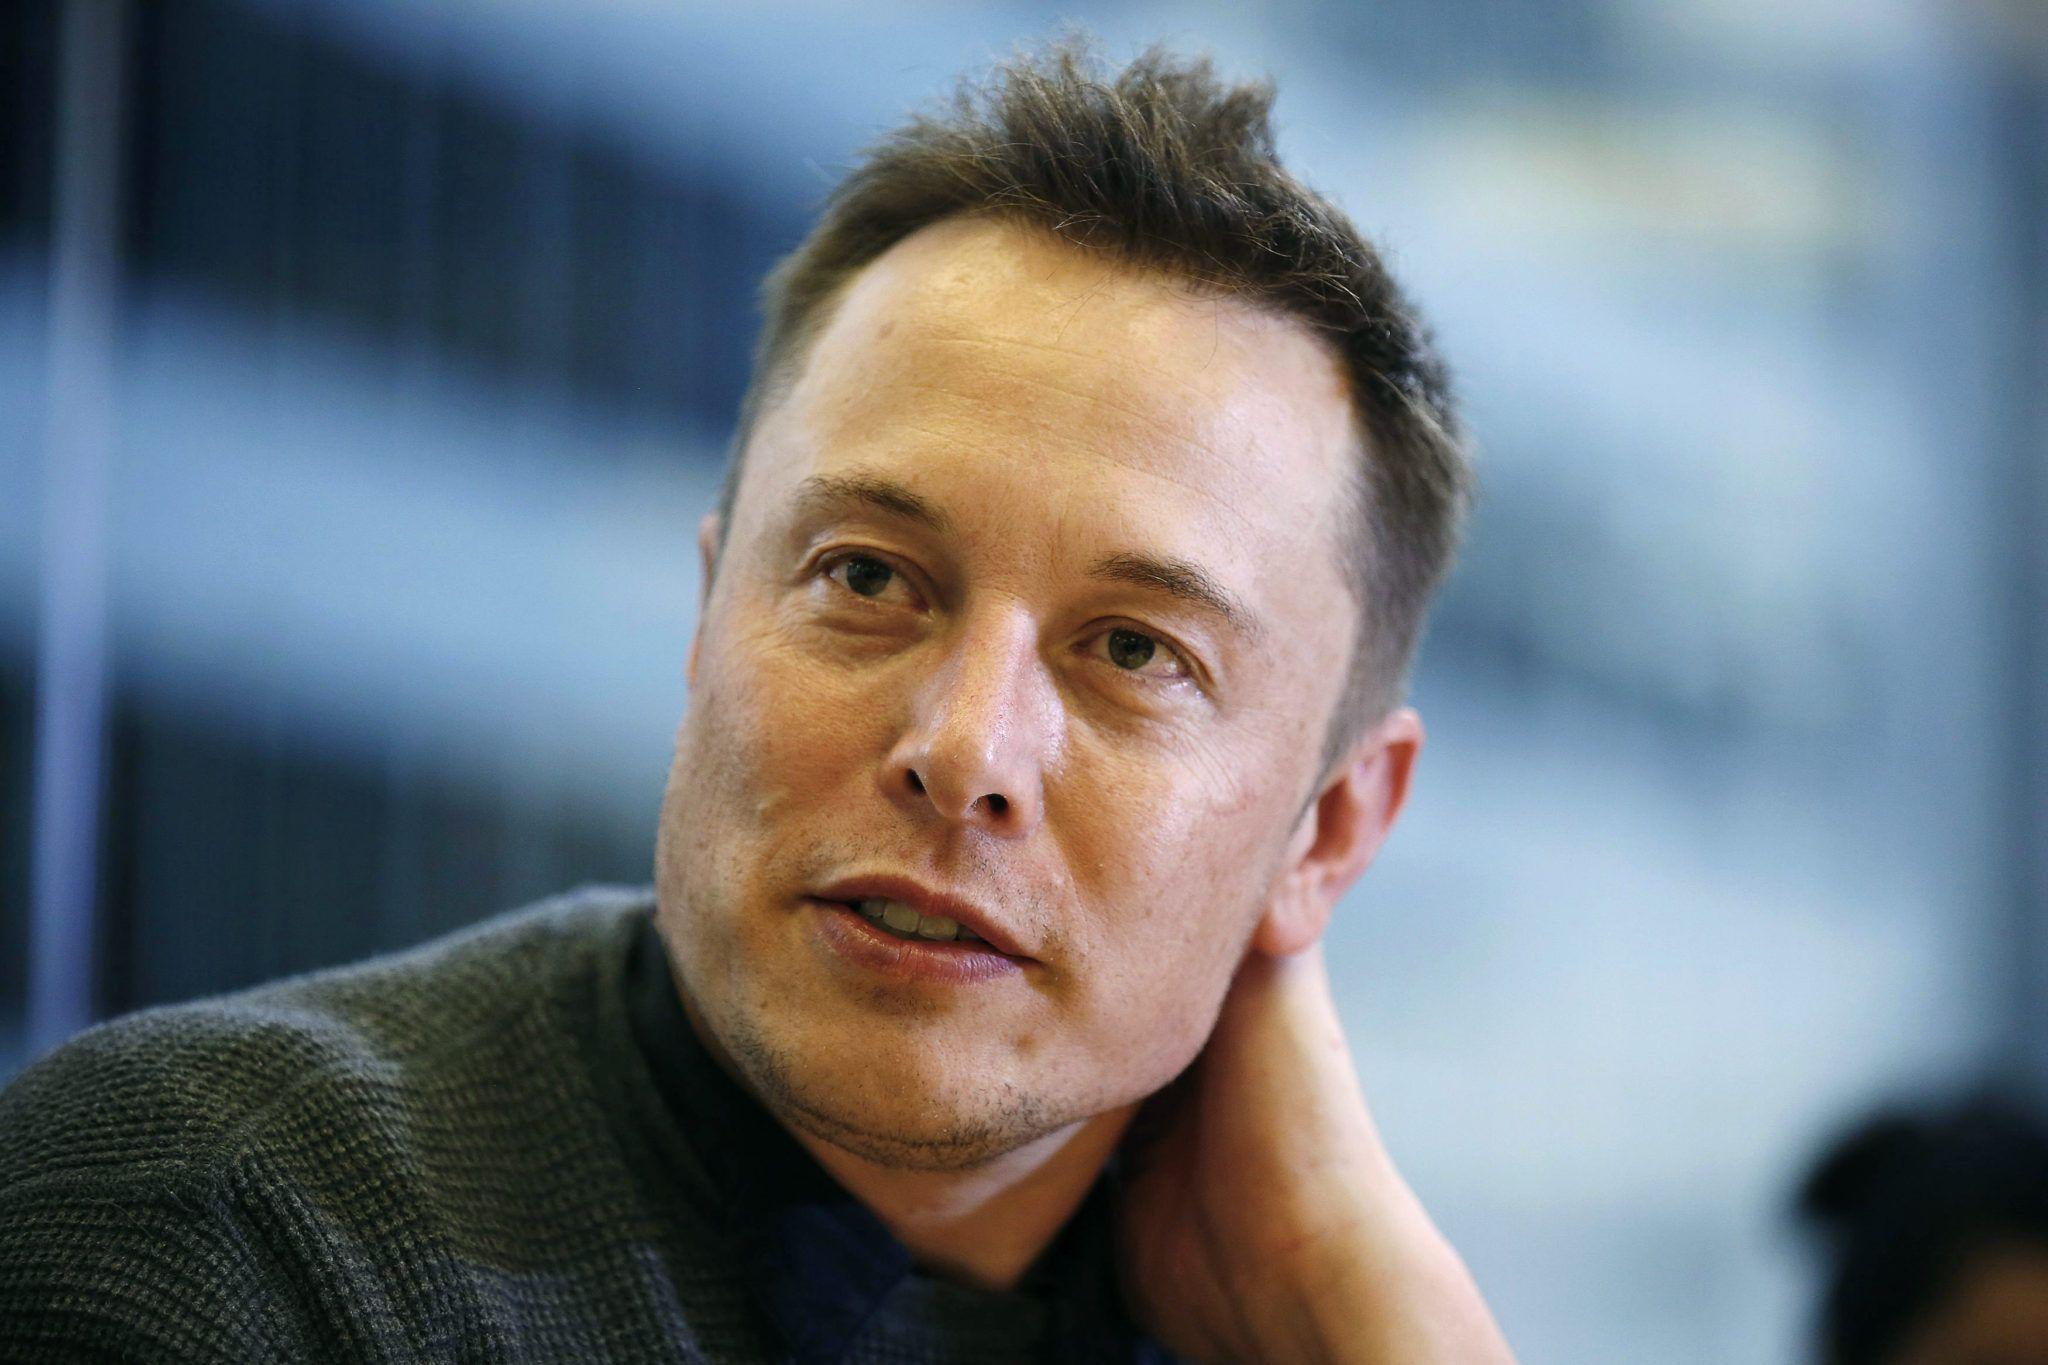 Musk apresentou telhas, com texturas, que contam com células solares integradas – e que são praticamente idênticas as telhas tradicionais que conhecemos.